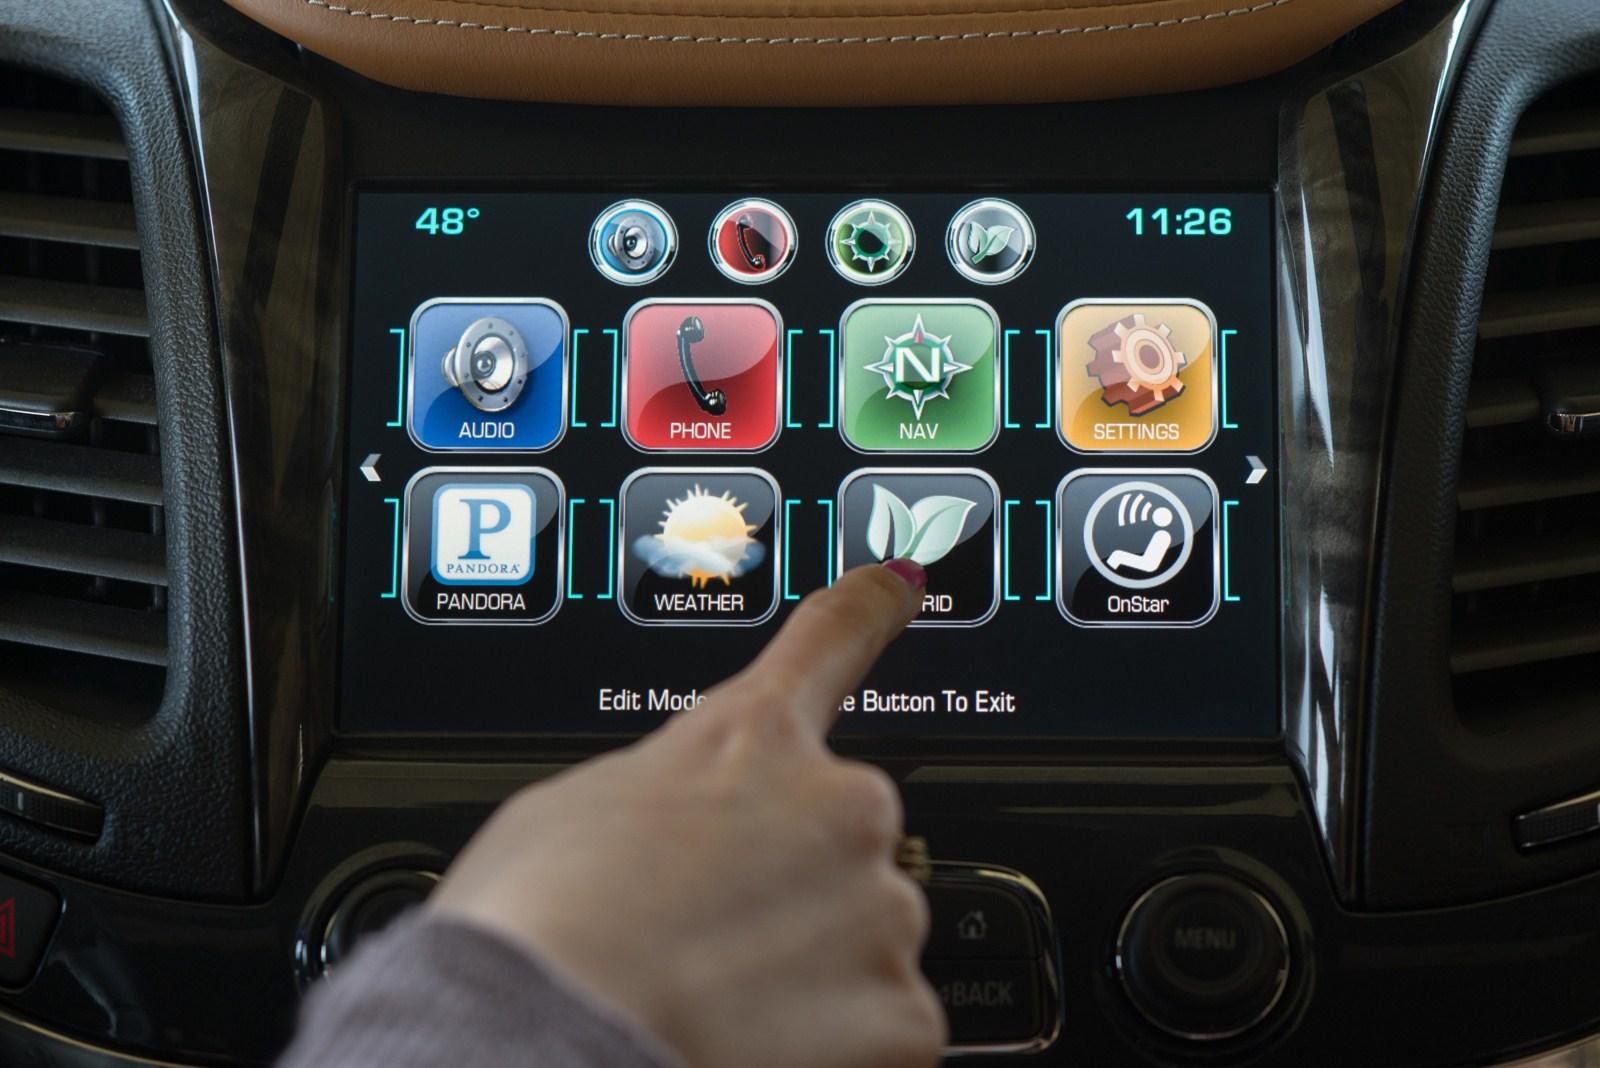 H Chevrolet παρουσίασε το νέο MyLink [w/video] - Autoblog.gr